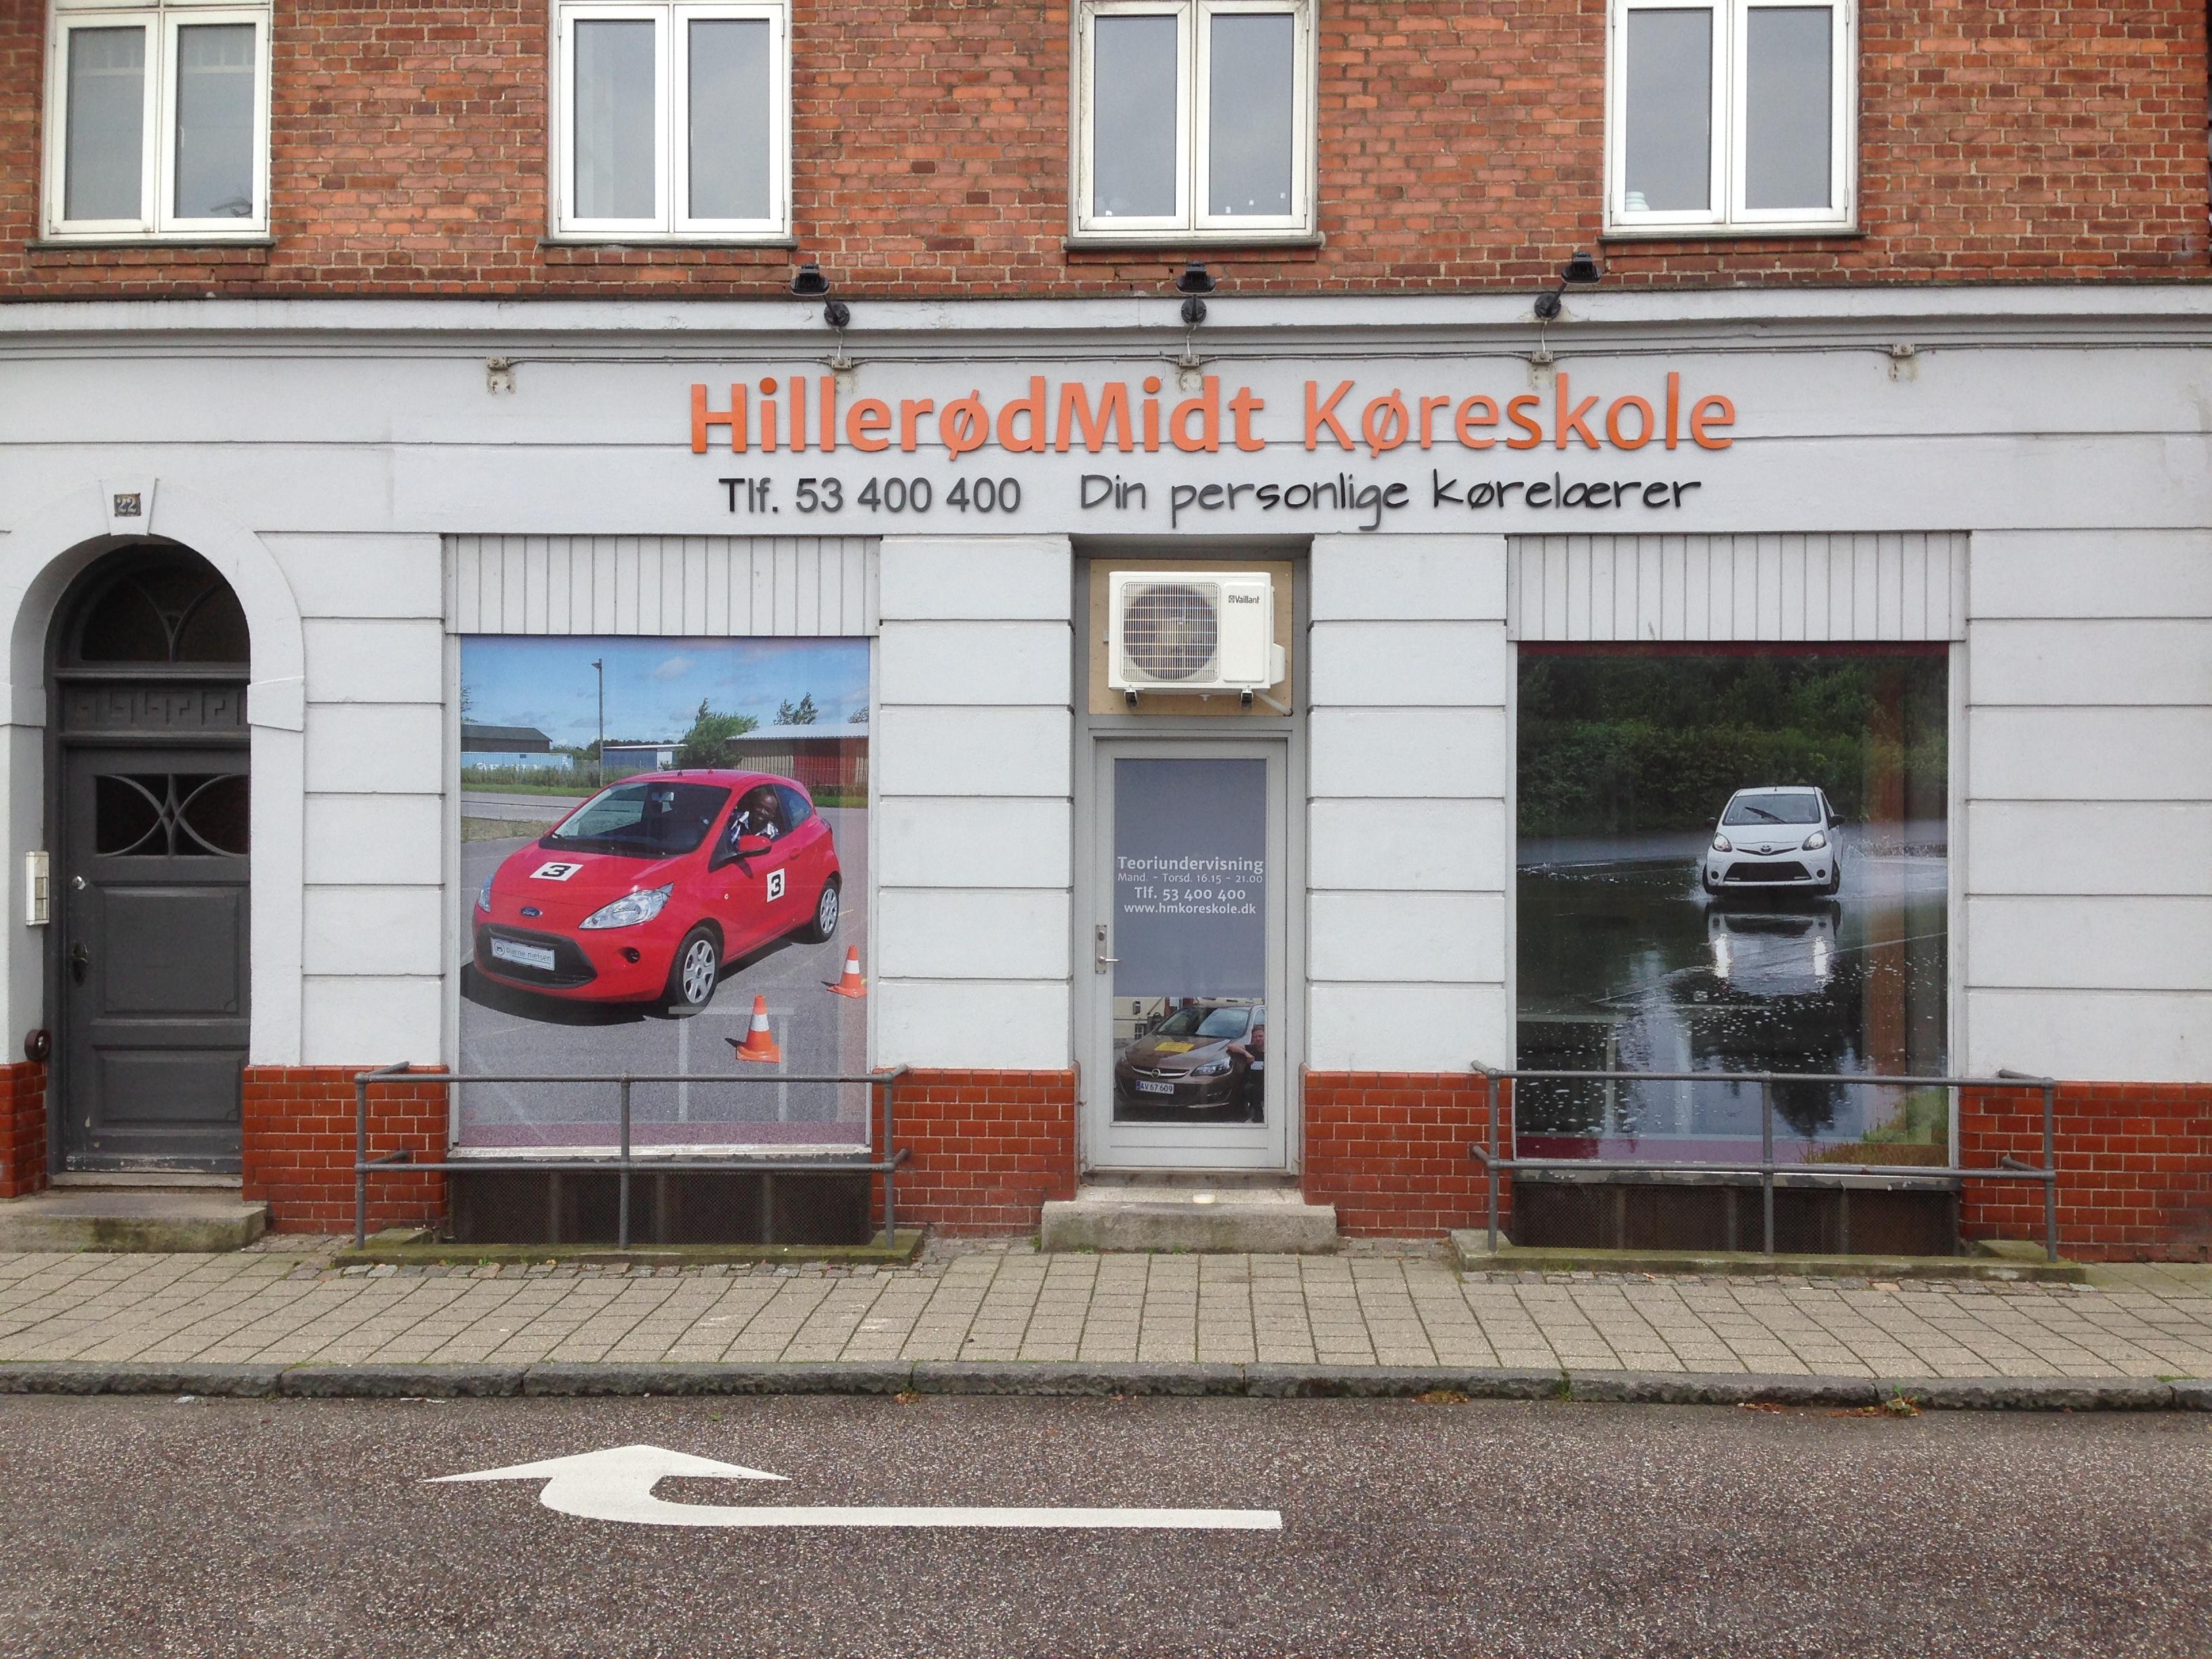 HillerødMidt Køreskole